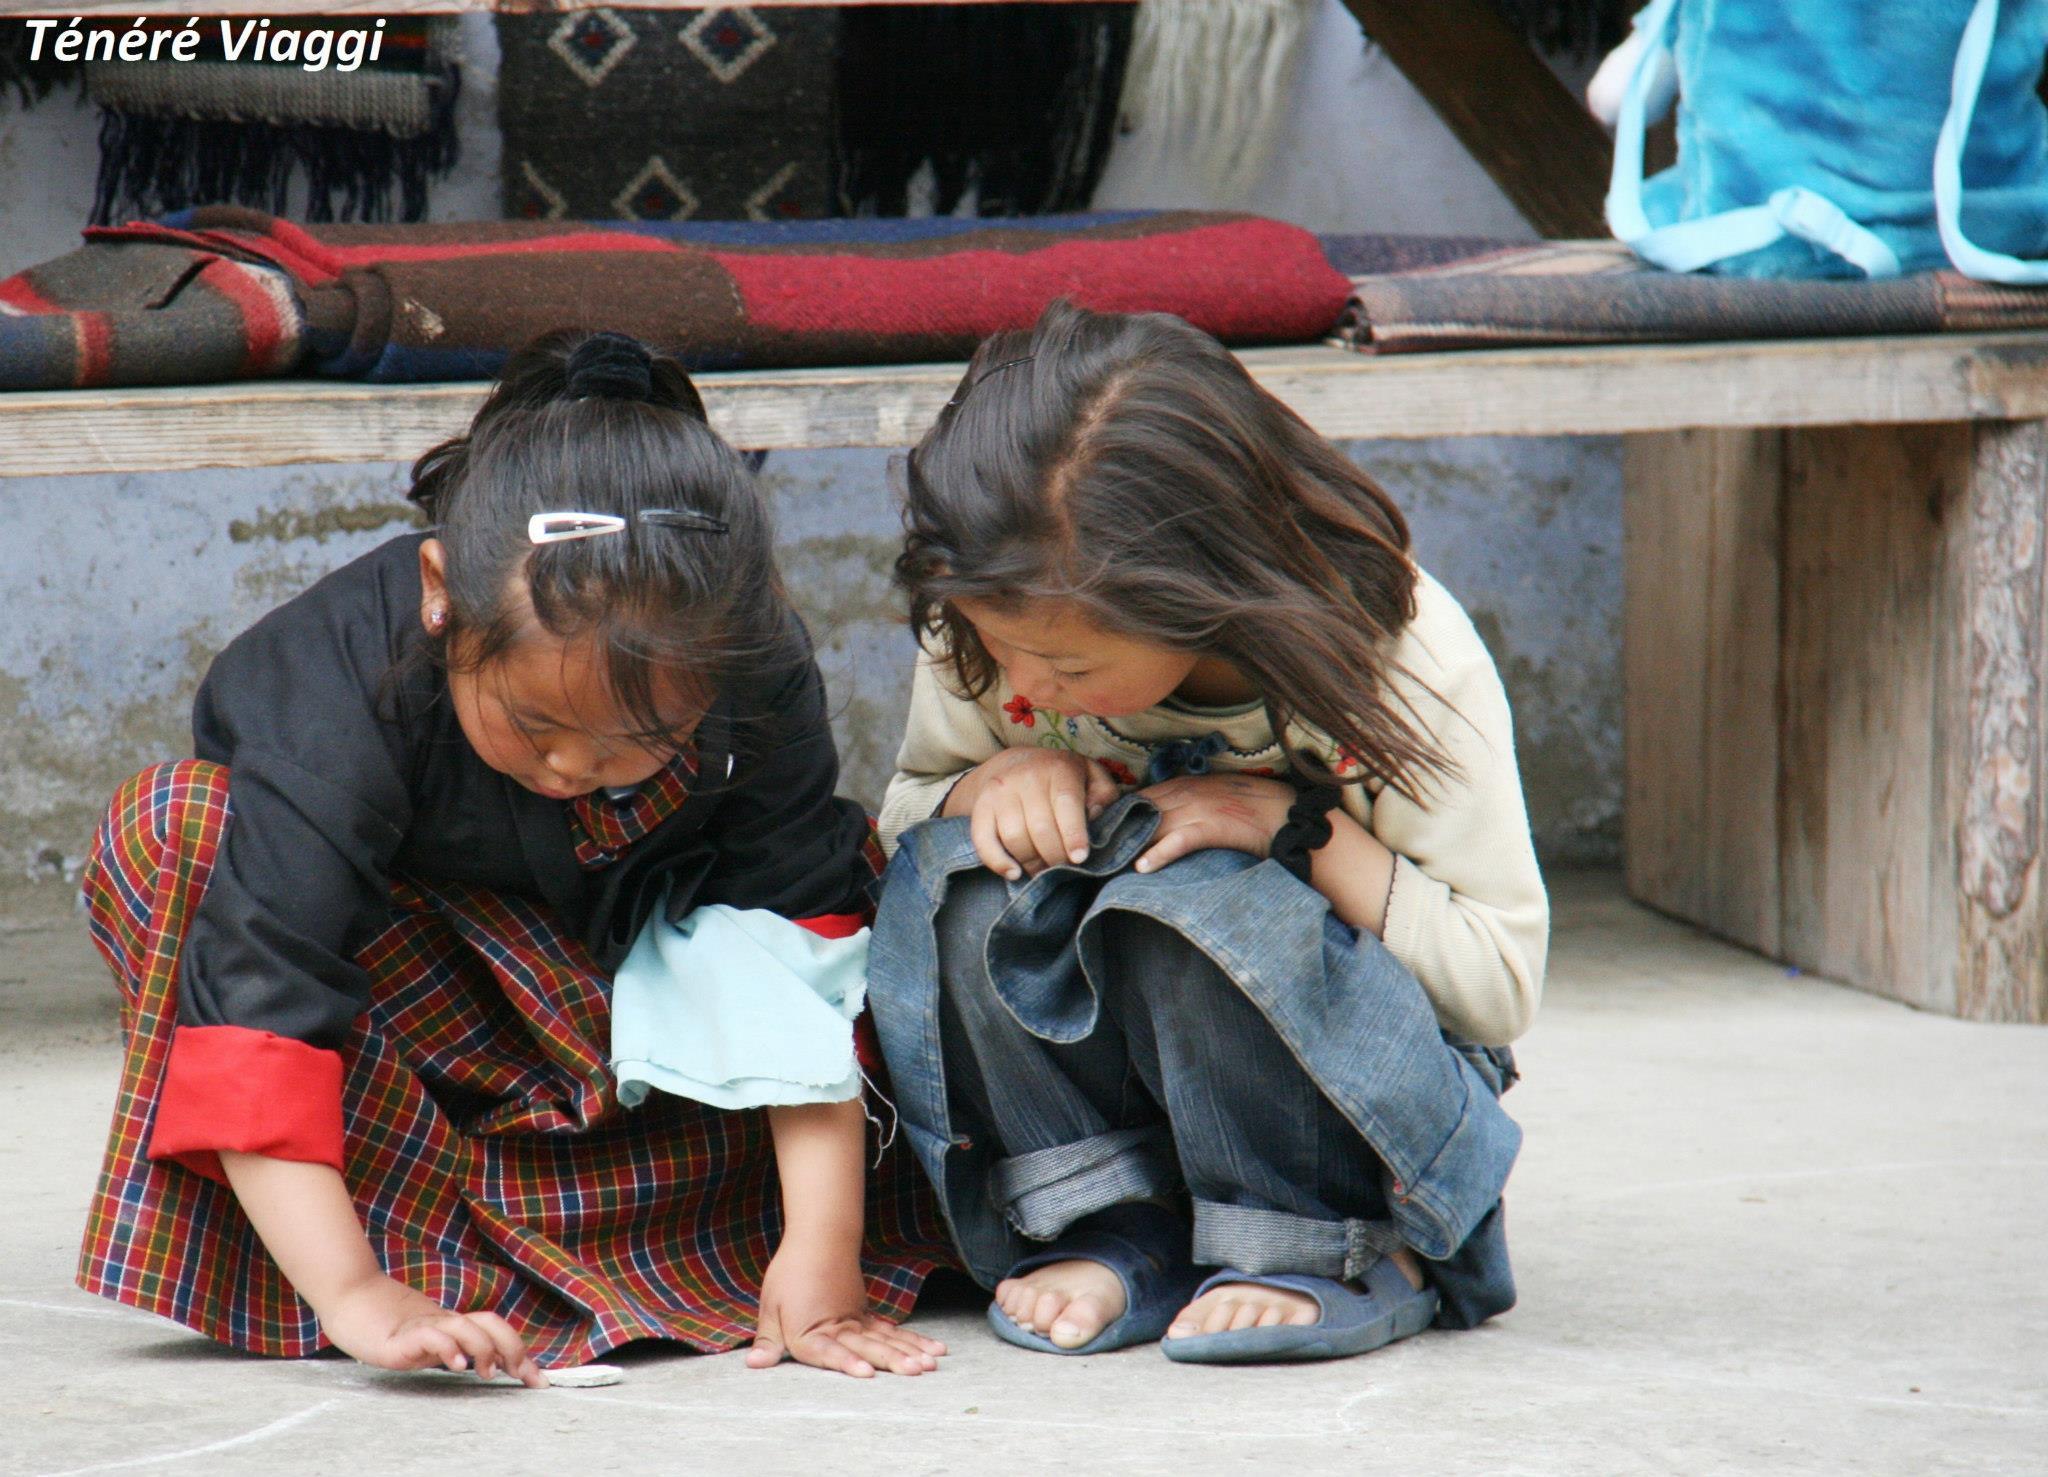 sito di incontri bhutanese datare una donna che non è ancora divorziato